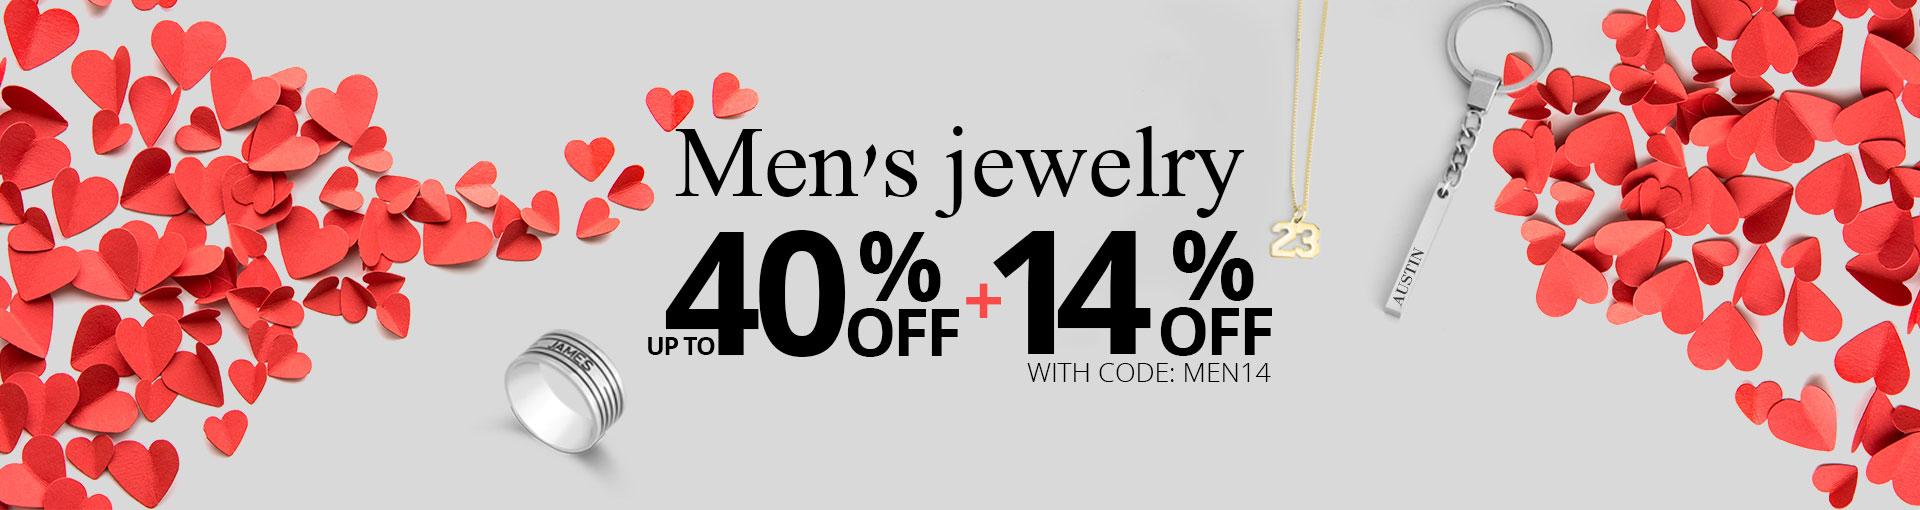 Men's jewellery - Banner